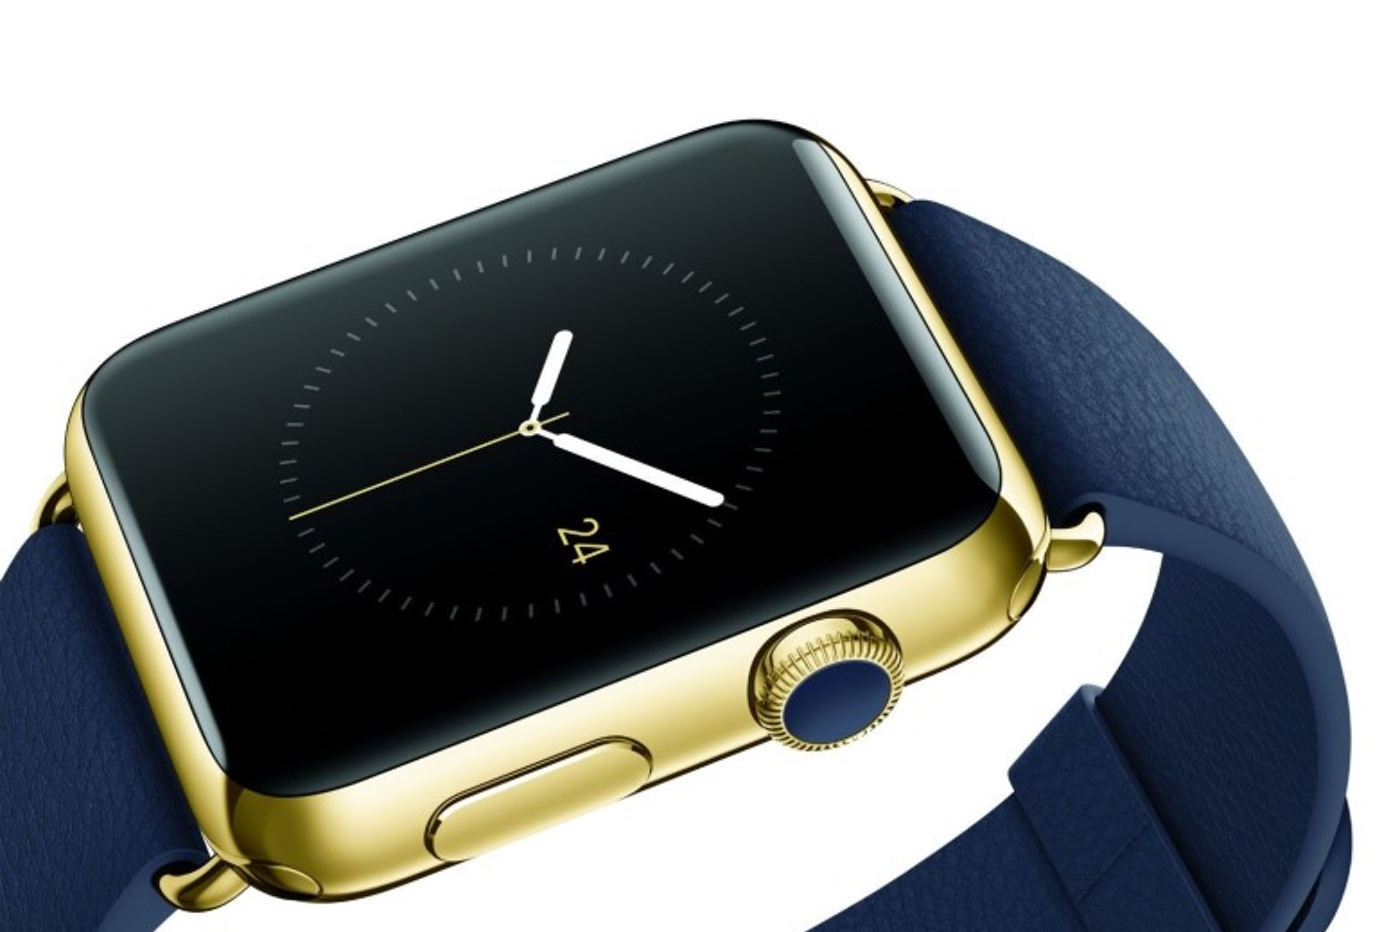 L'Apple Watch en or a fait un véritable flop 1